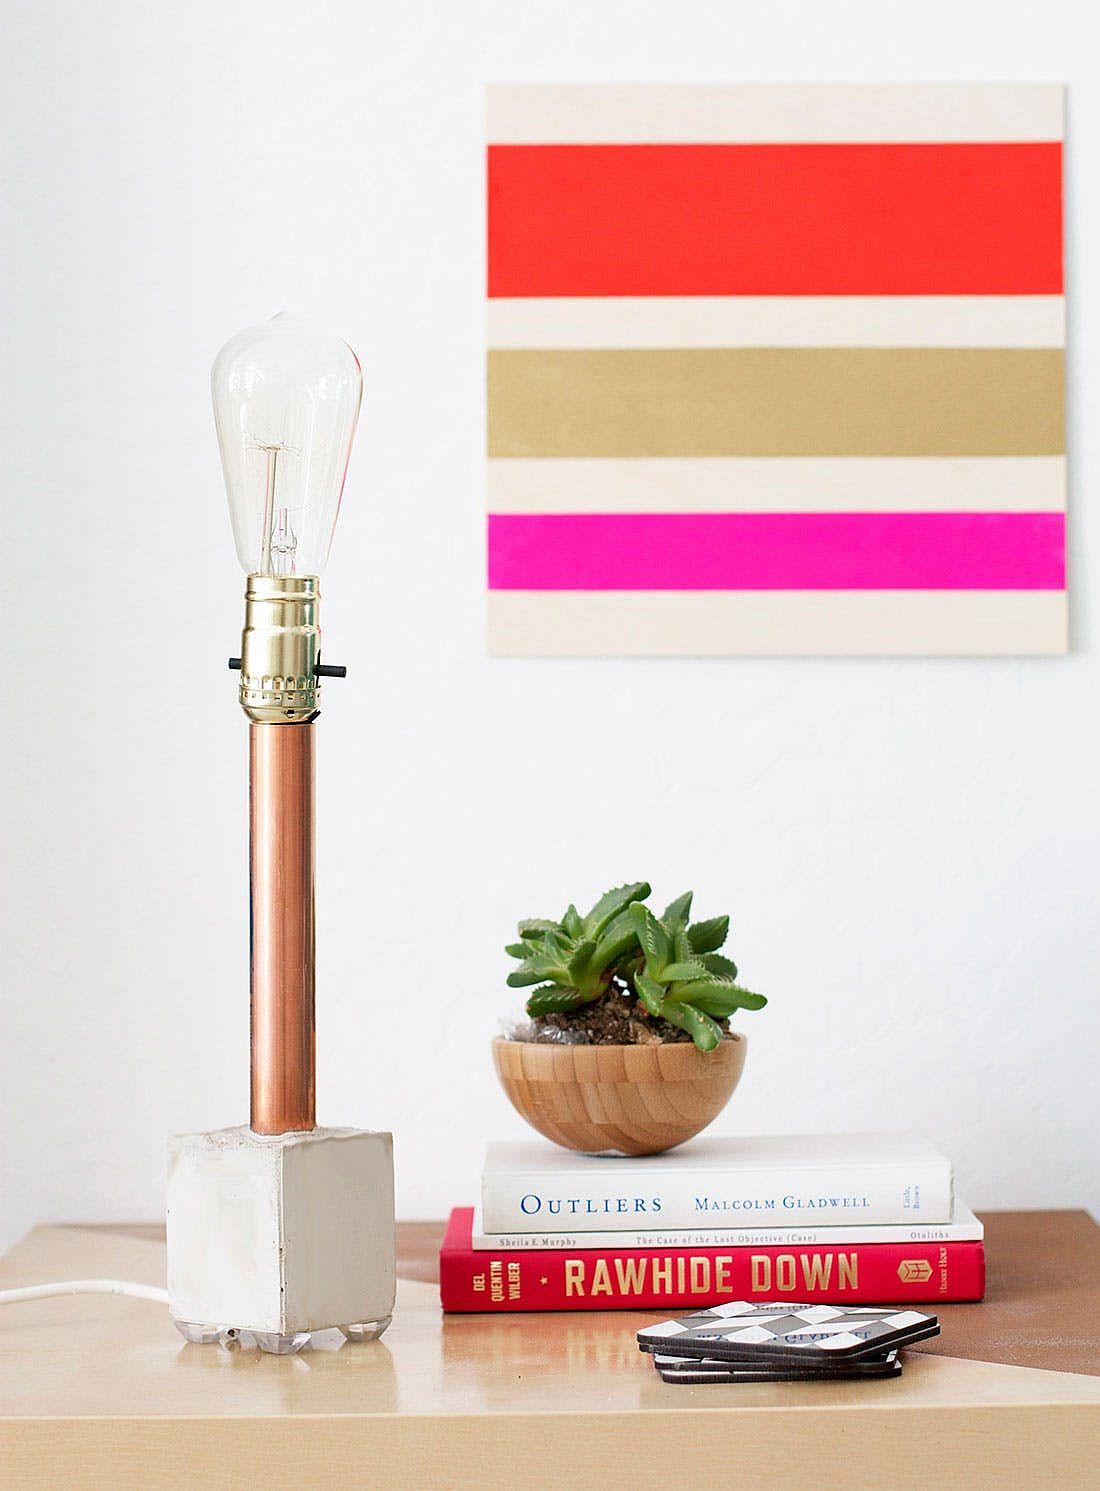 DIY-copper-pipe-and-concrete-table-lamp-idea